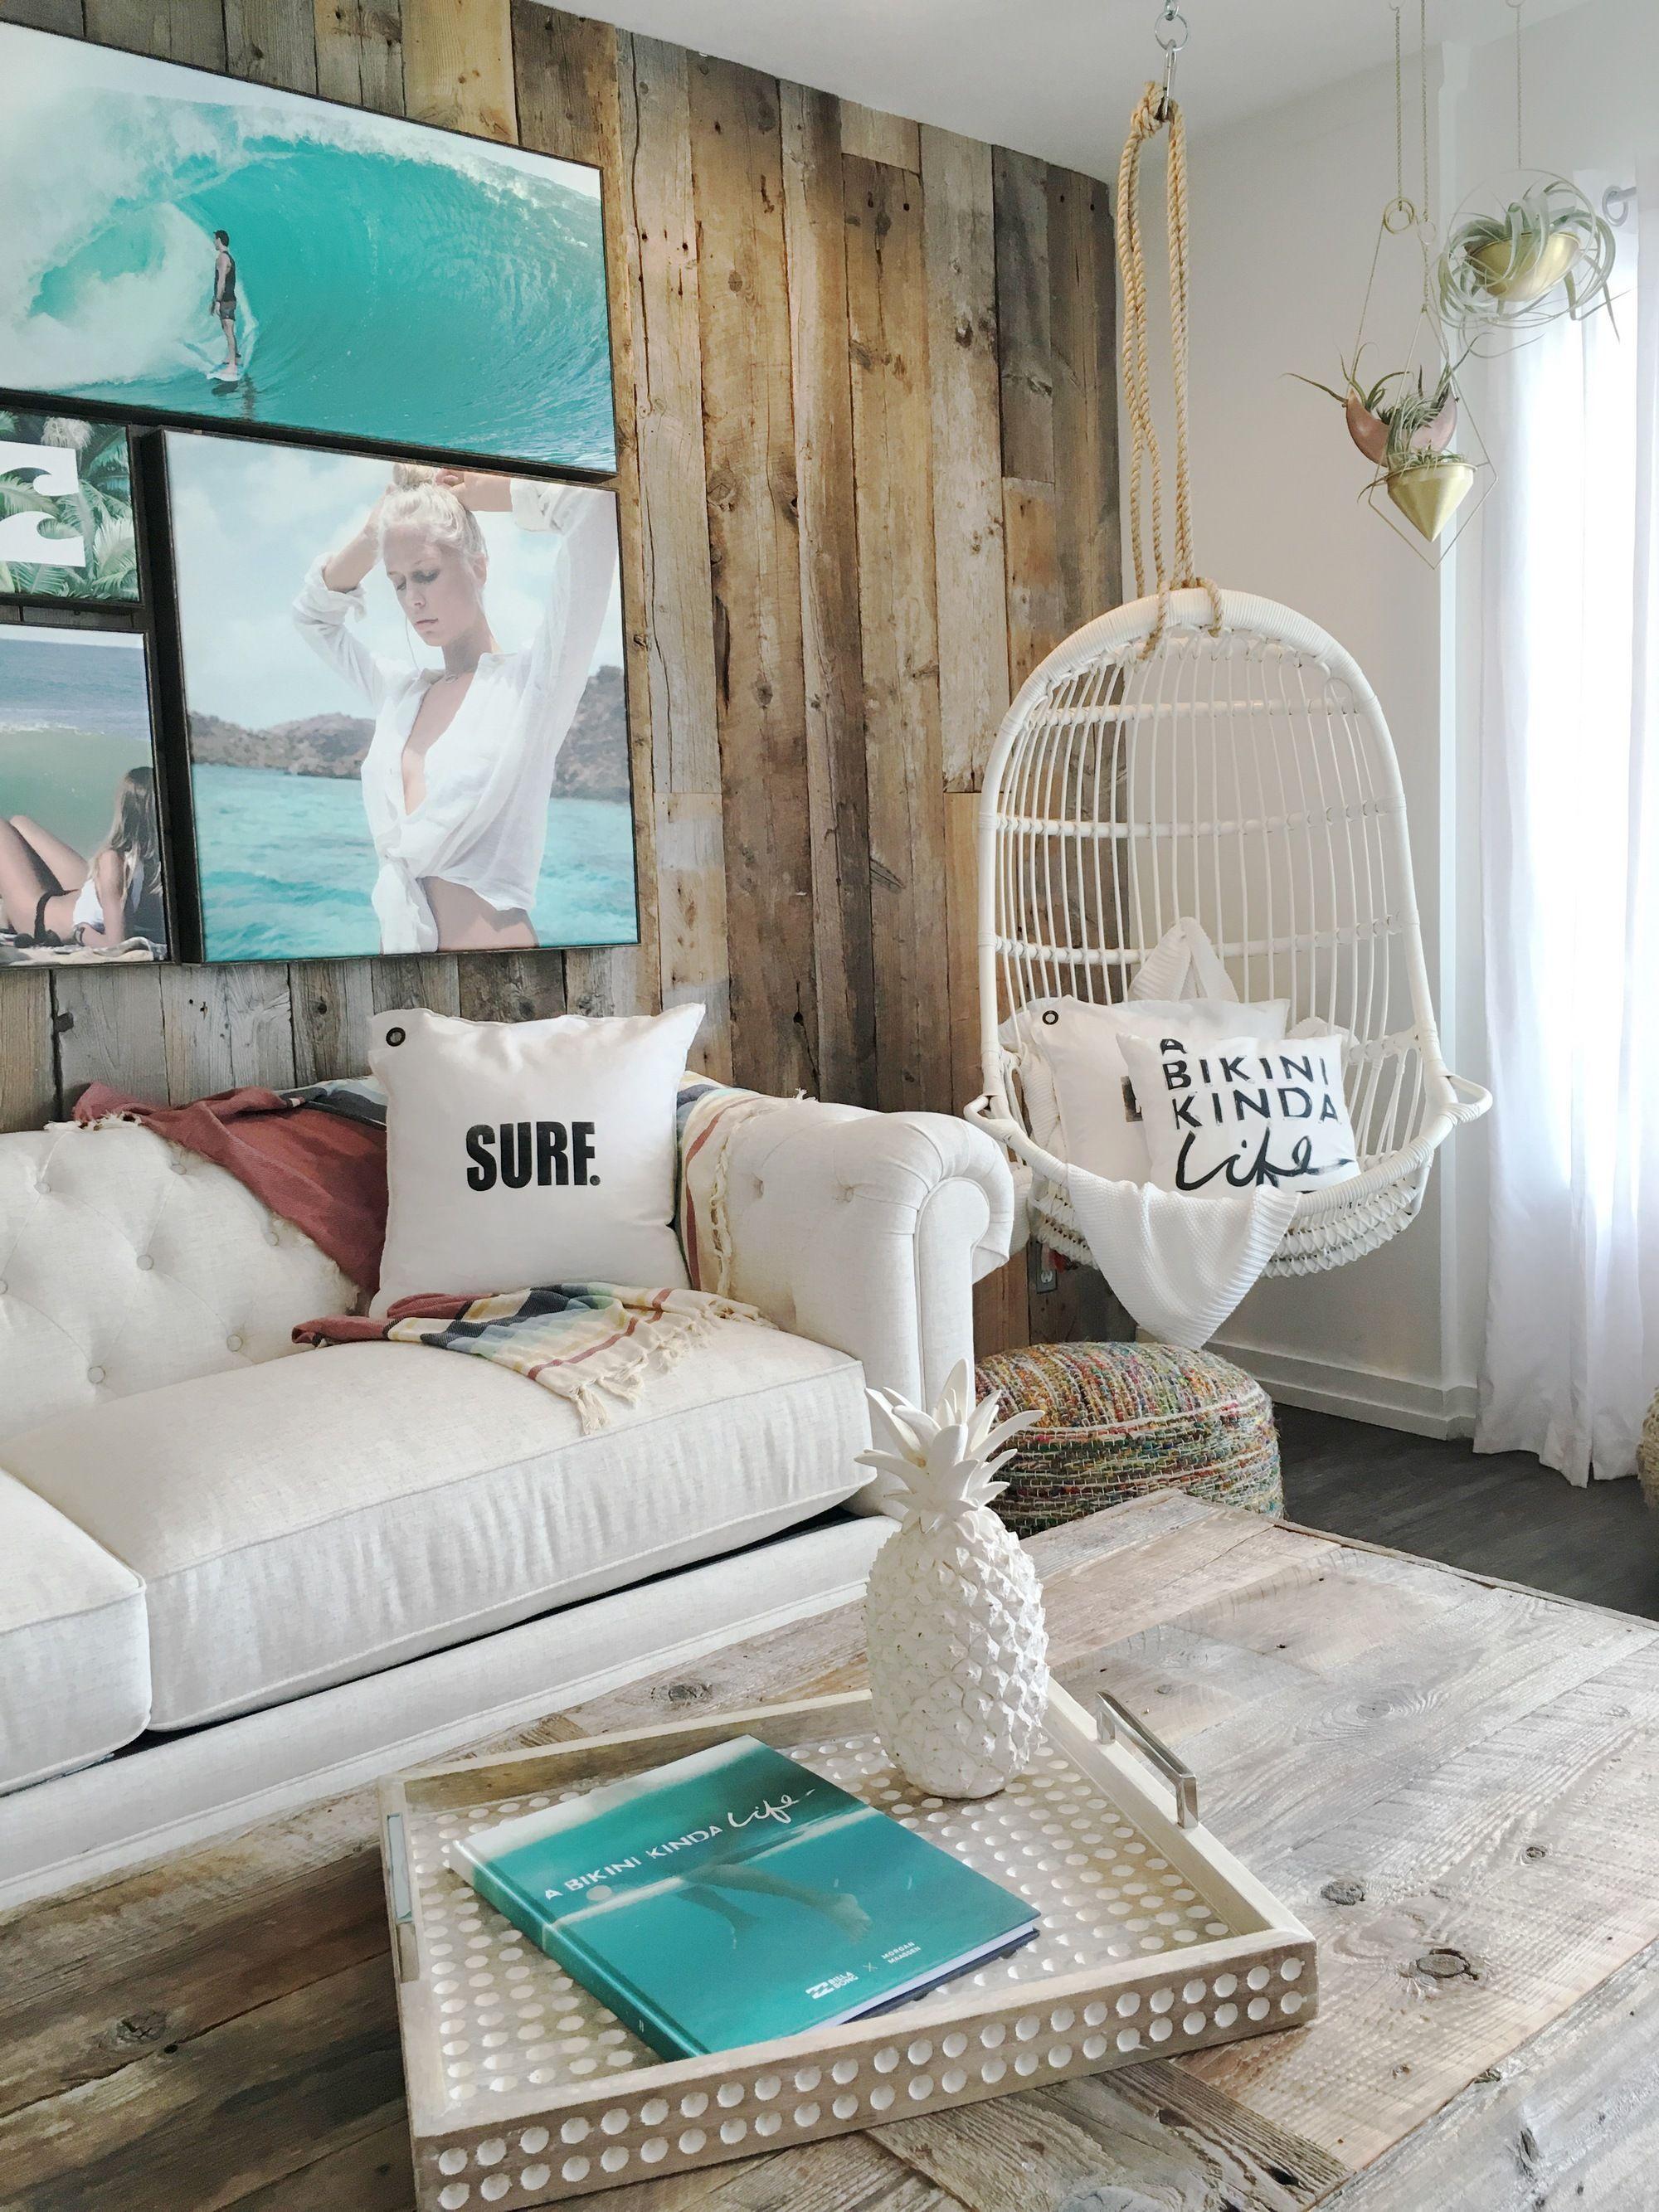 Beach House Decor Coastal Style 8 With Images Beach Themed